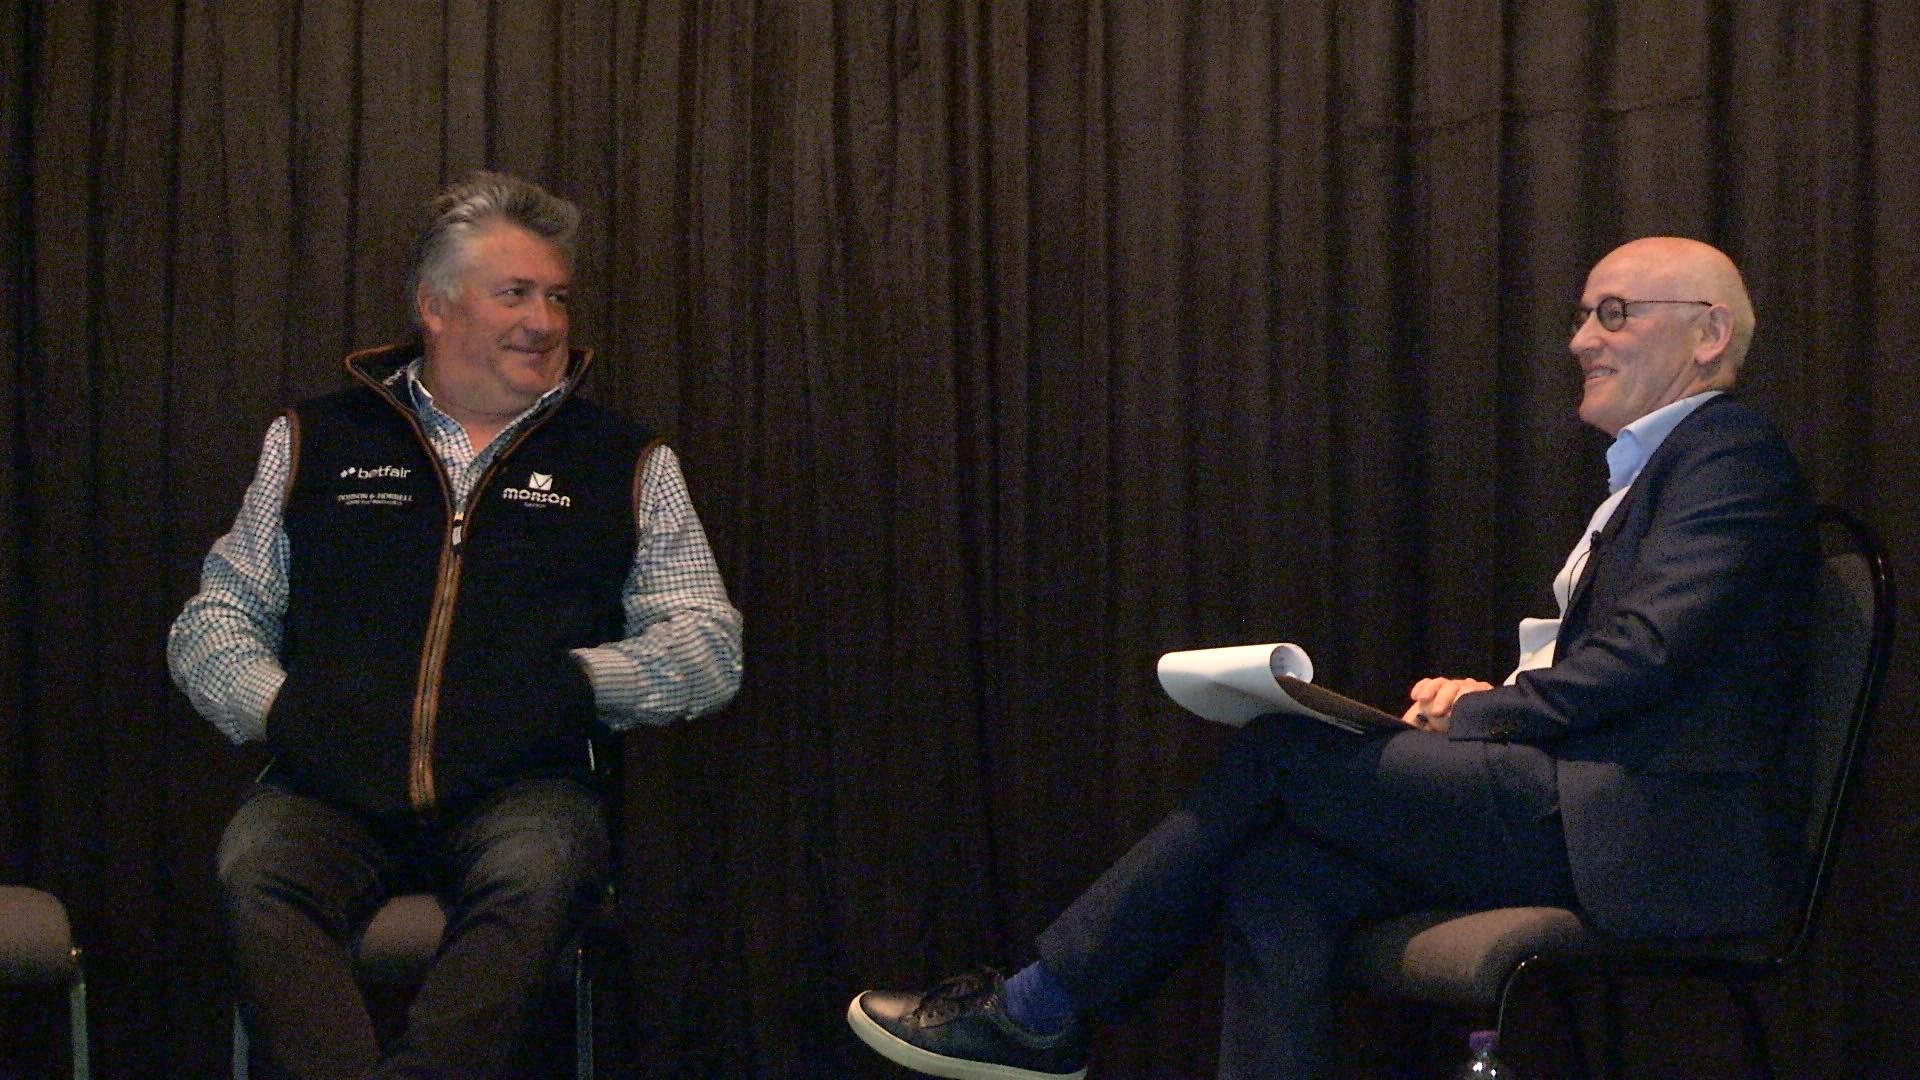 Paul and Eddie Interview.00_27_02_17.Still003.jpg